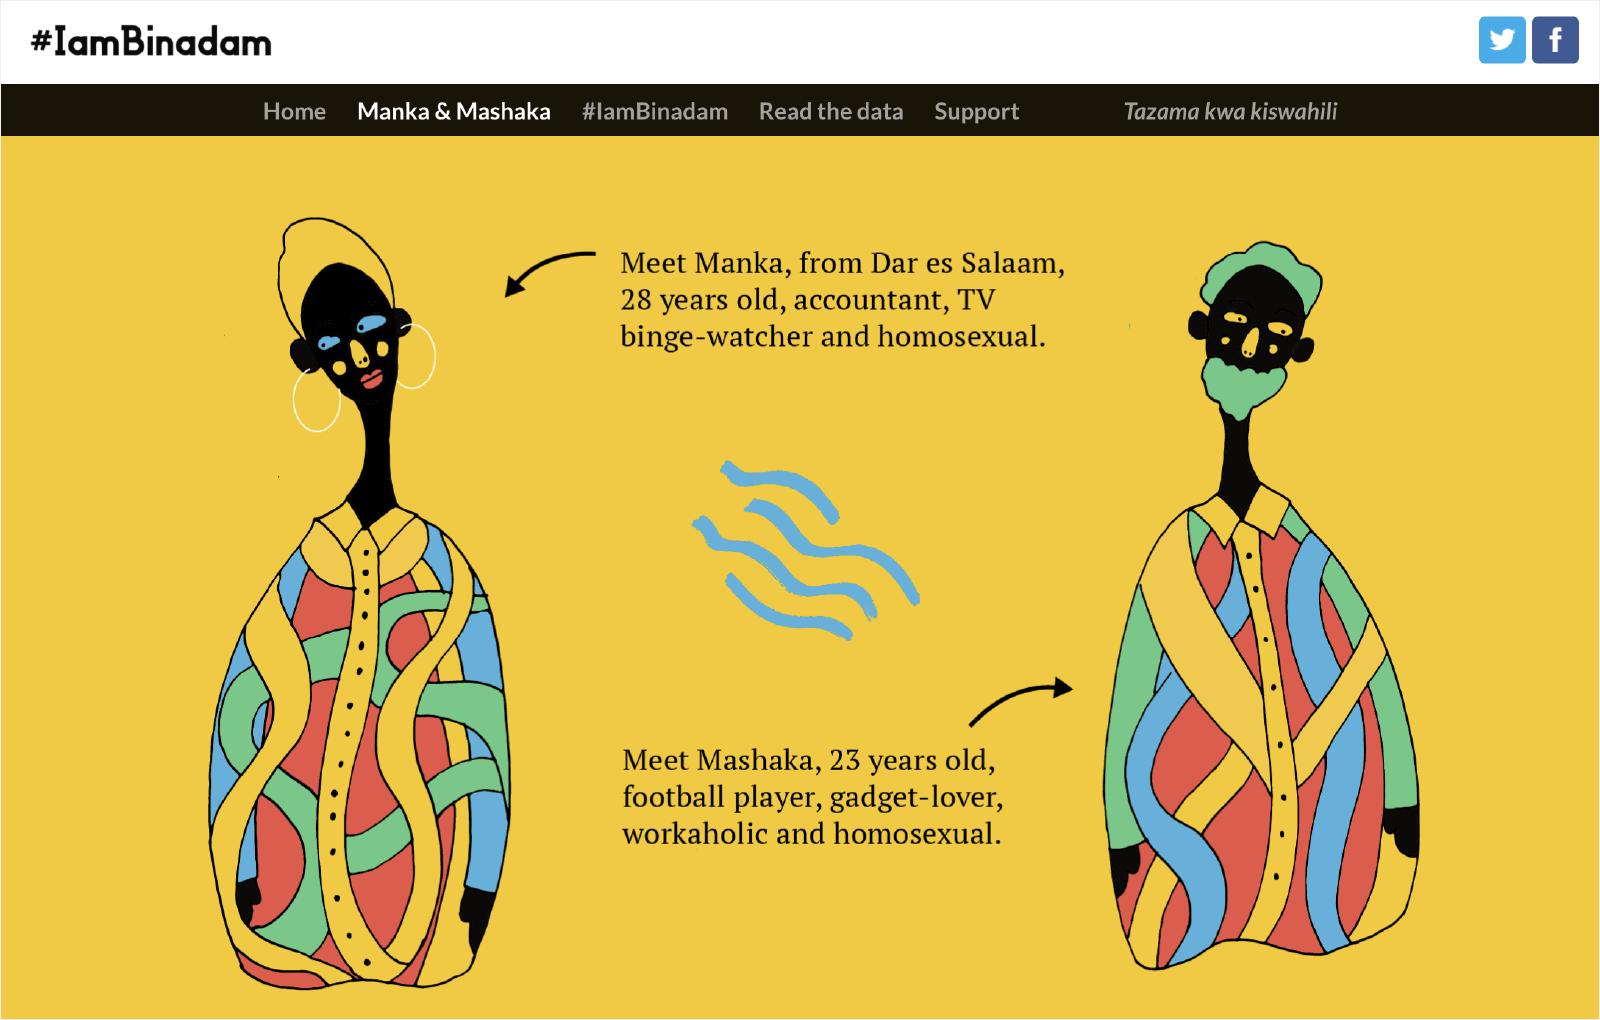 タンザニア LGBTQ I Am Binadam キャンペーン 2